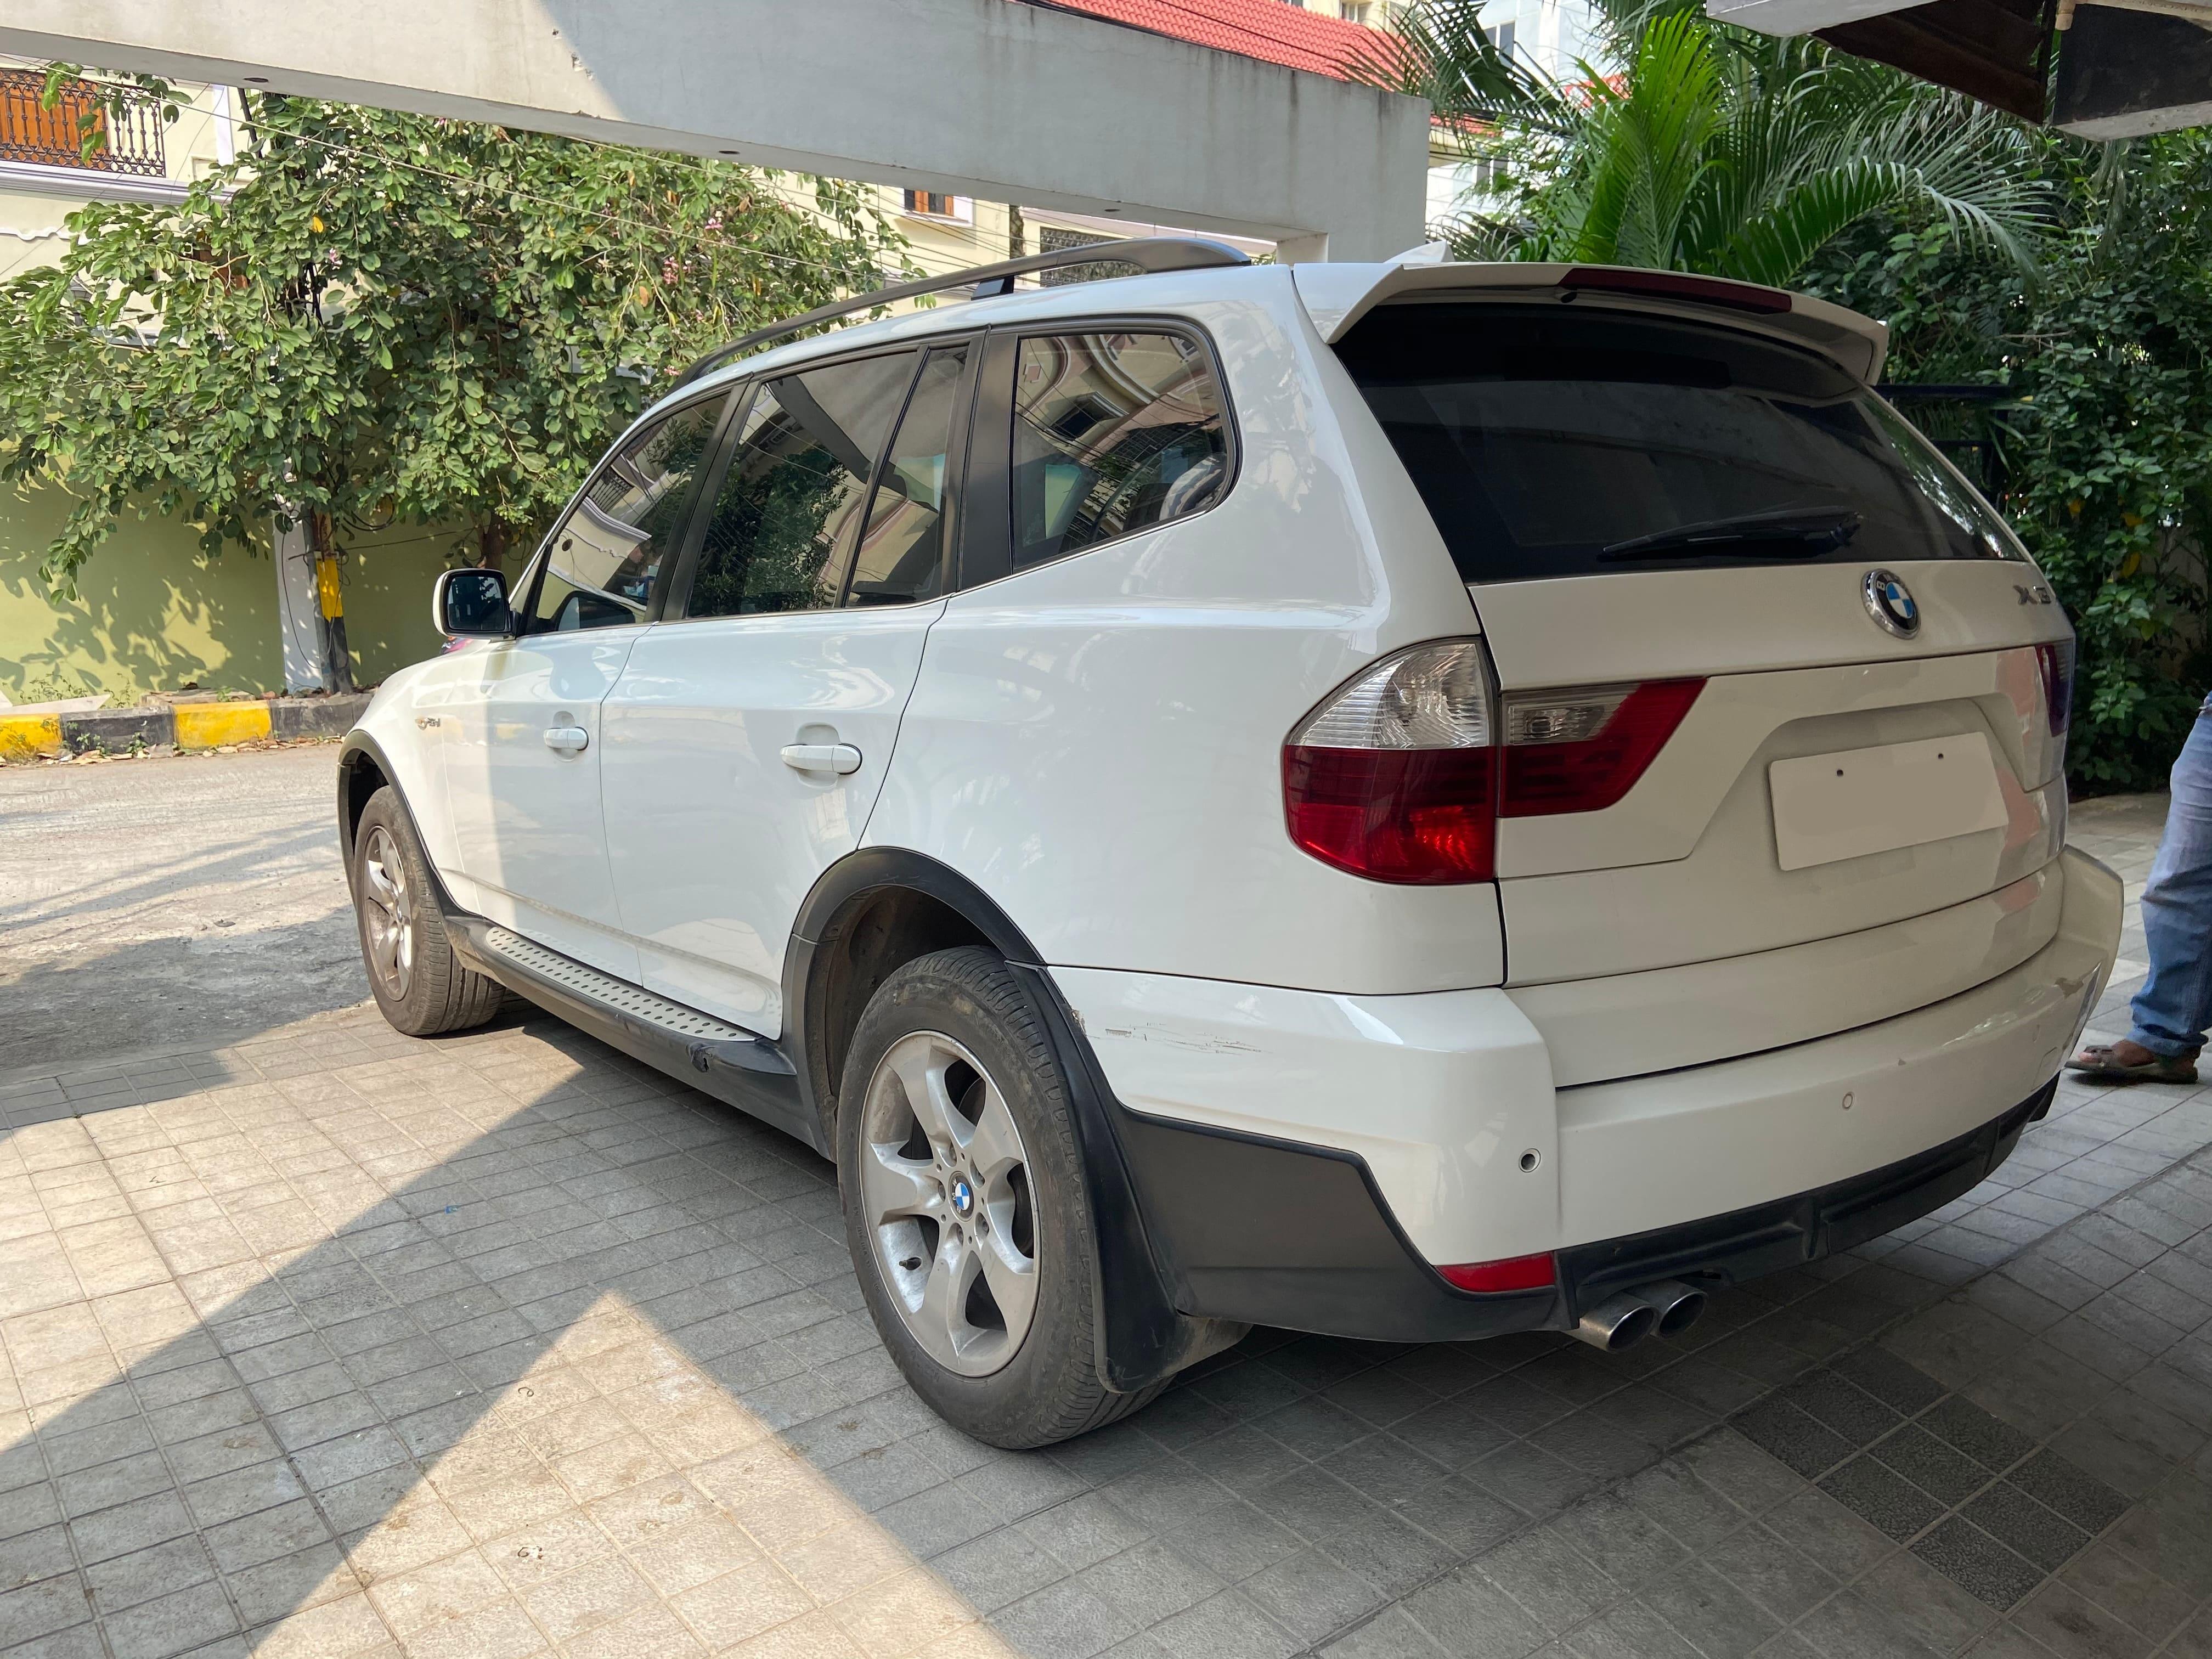 BMW X3 2011-2013 3.0si